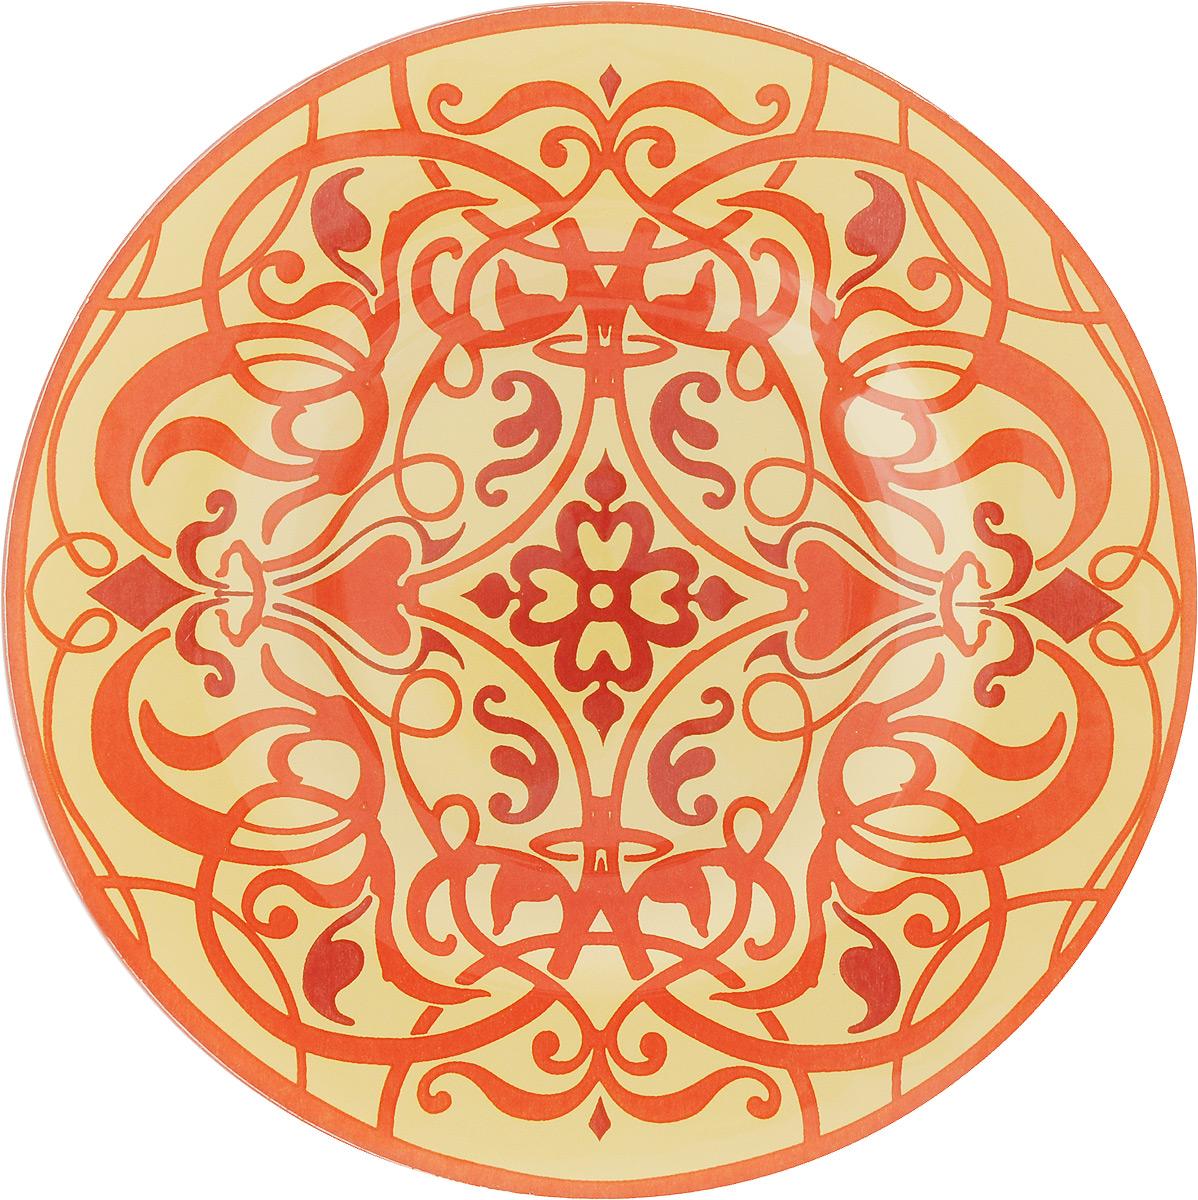 Тарелка Zibo Shelley Золотой узор-2, диаметр 20 смZSS3008A-2Круглая тарелка Zibo Shelley Золотой узор-2, изготовленная из стекла, декорирована ярким узором. Она не только украсит сервировку вашего стола и подчеркнет прекрасный вкус хозяйки, но и станет отличным подарком. Можно использовать в посудомоечной машине и СВЧ. Диаметр: 20 см. Высота: 1,5 см.